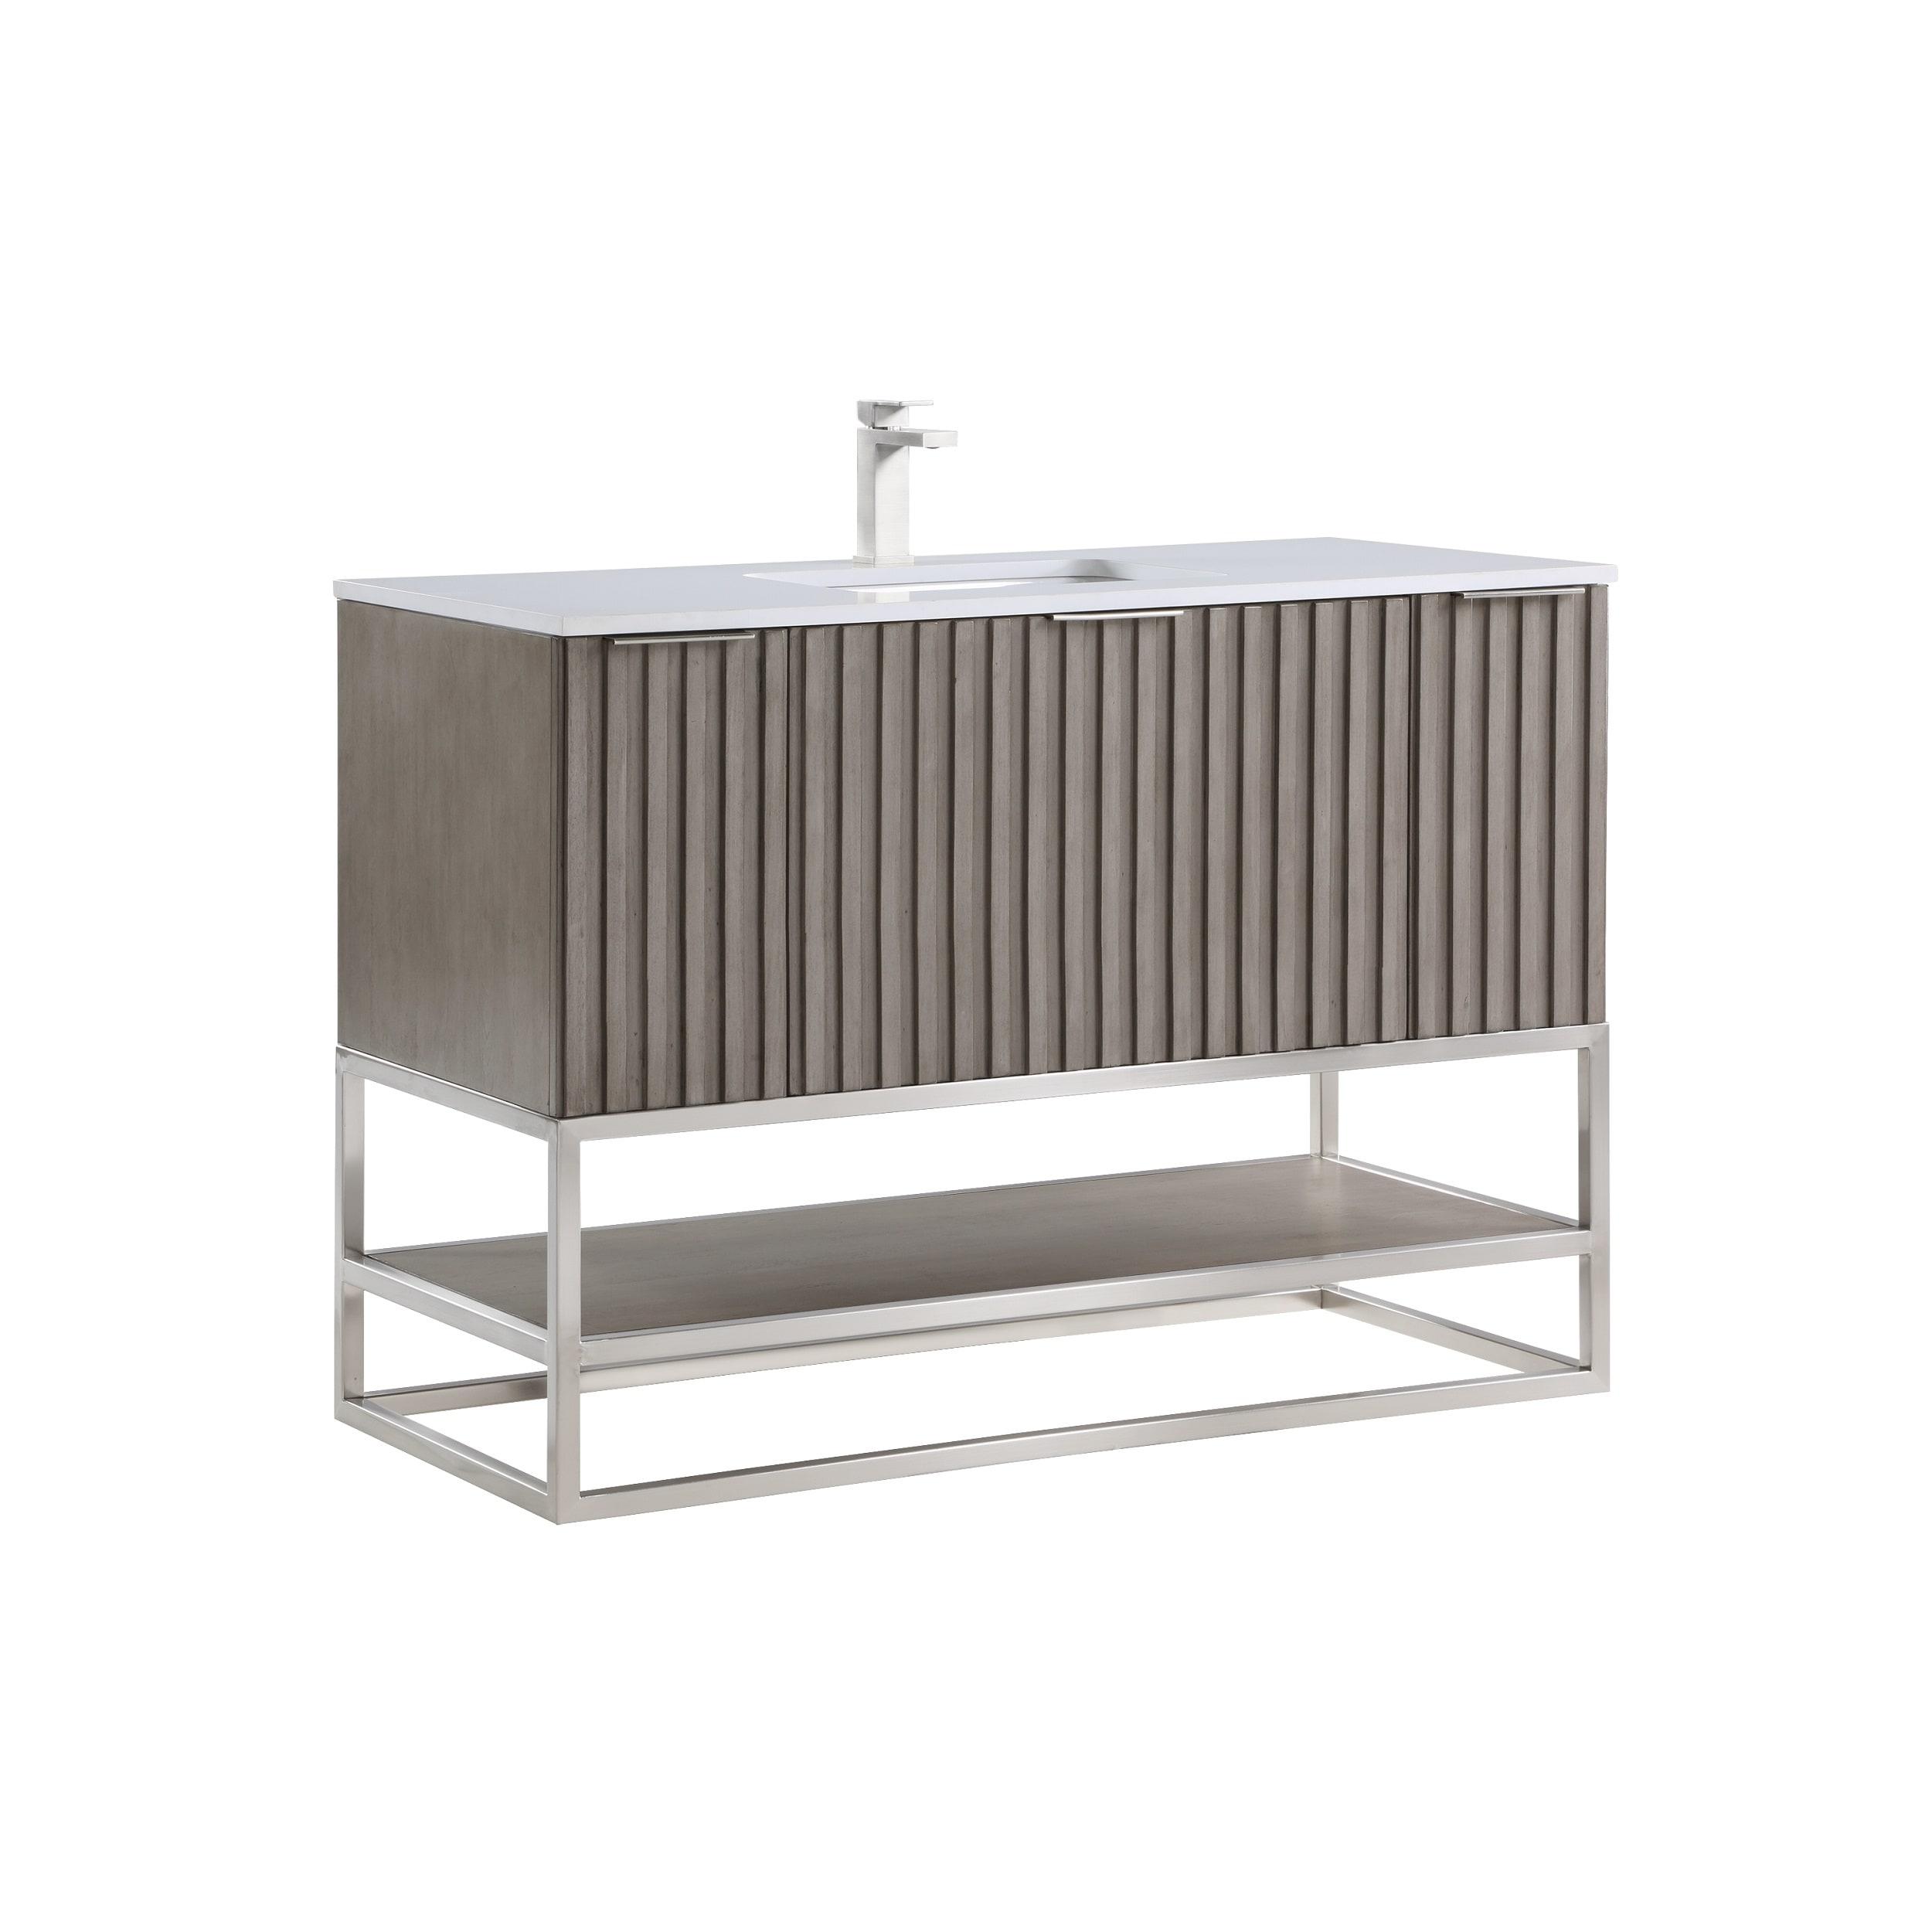 Bemma Terra 48 Bathroom Vanity Overstock 32350992